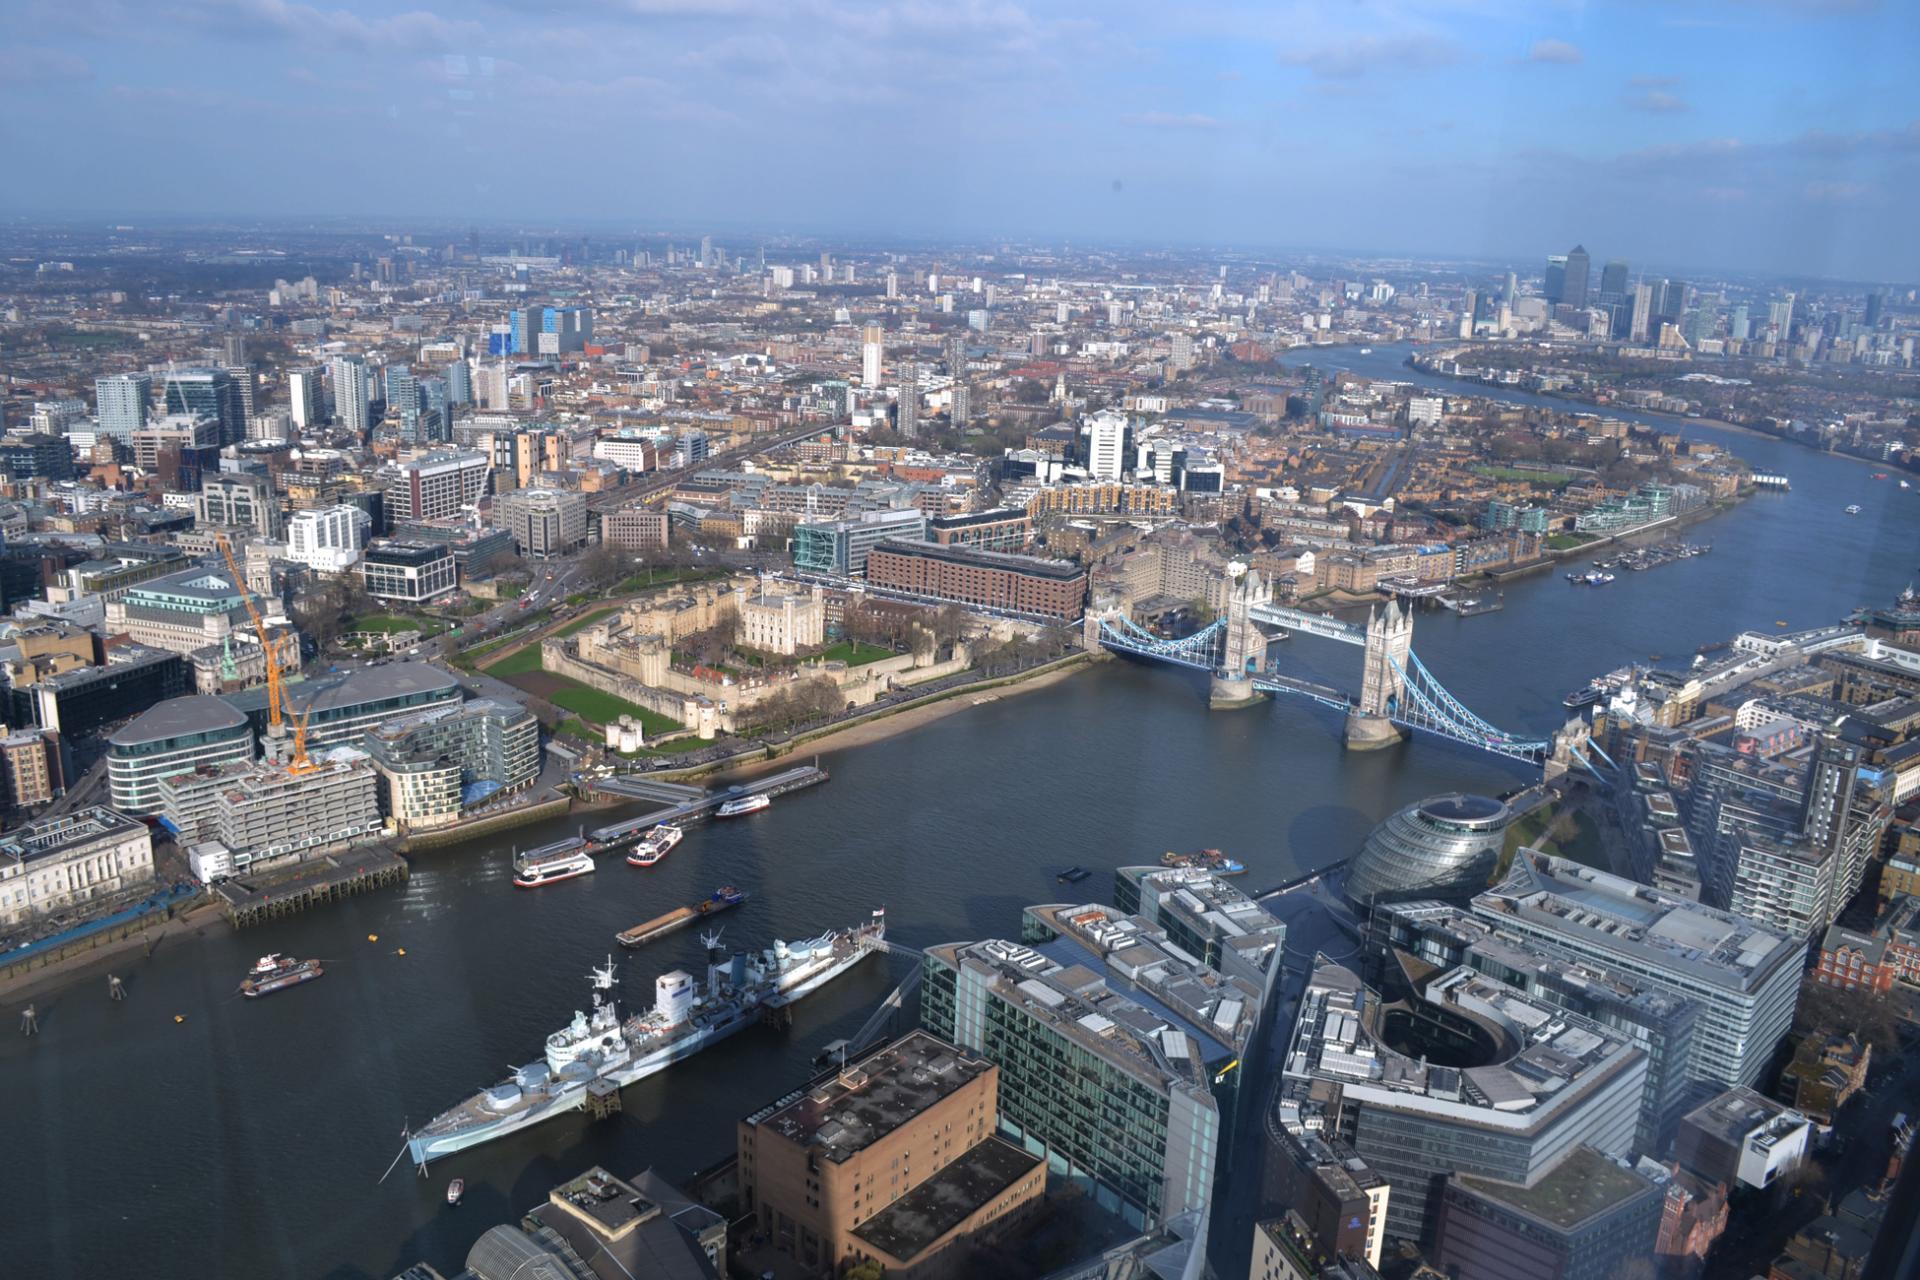 Tower Bridge visto desde el mirador del The Shard